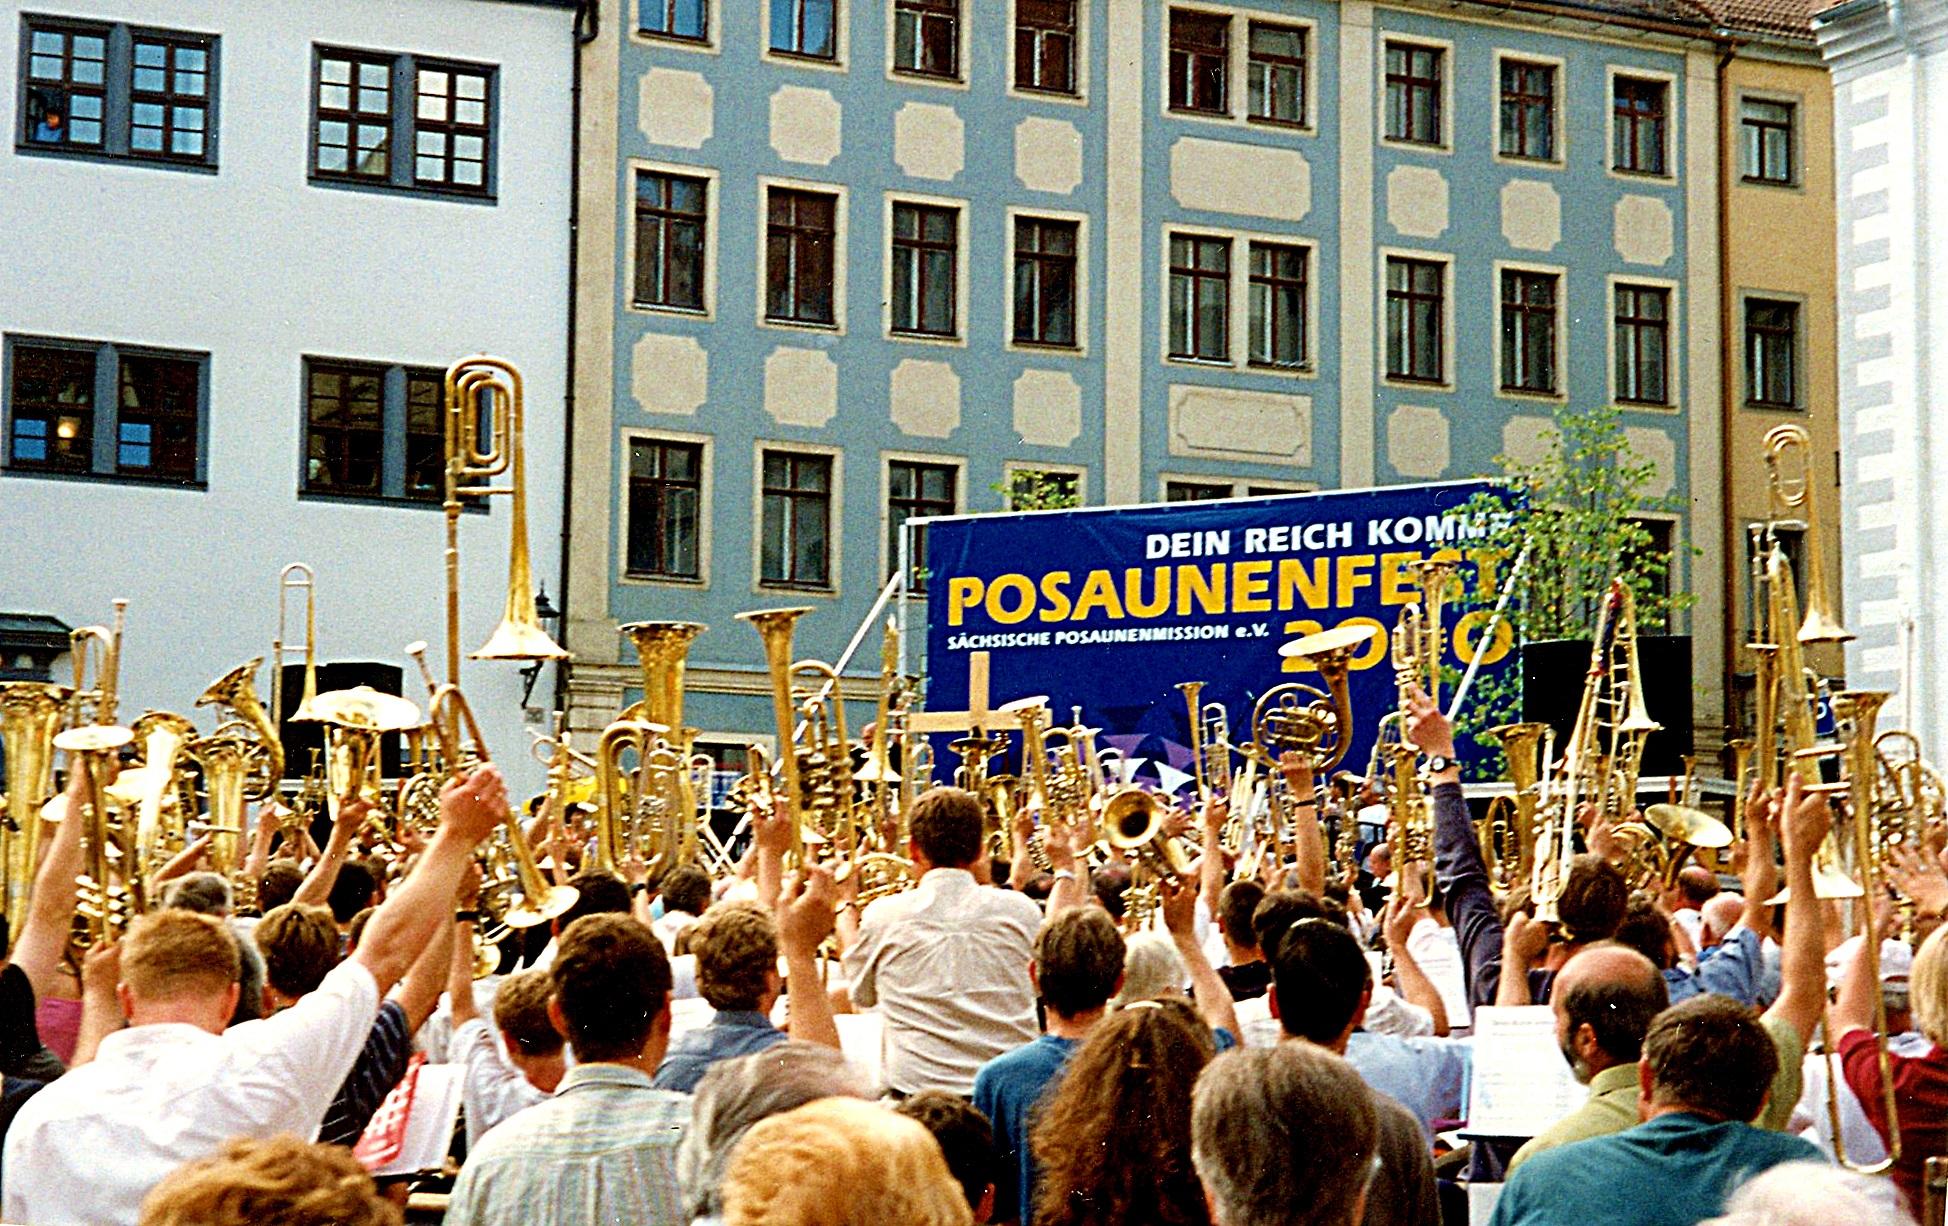 2000: Teilnahme am regionalen Sächsischen Posaunenfest in Meißen, 2002 Sächsisches Posaunenfest in Chemnitz